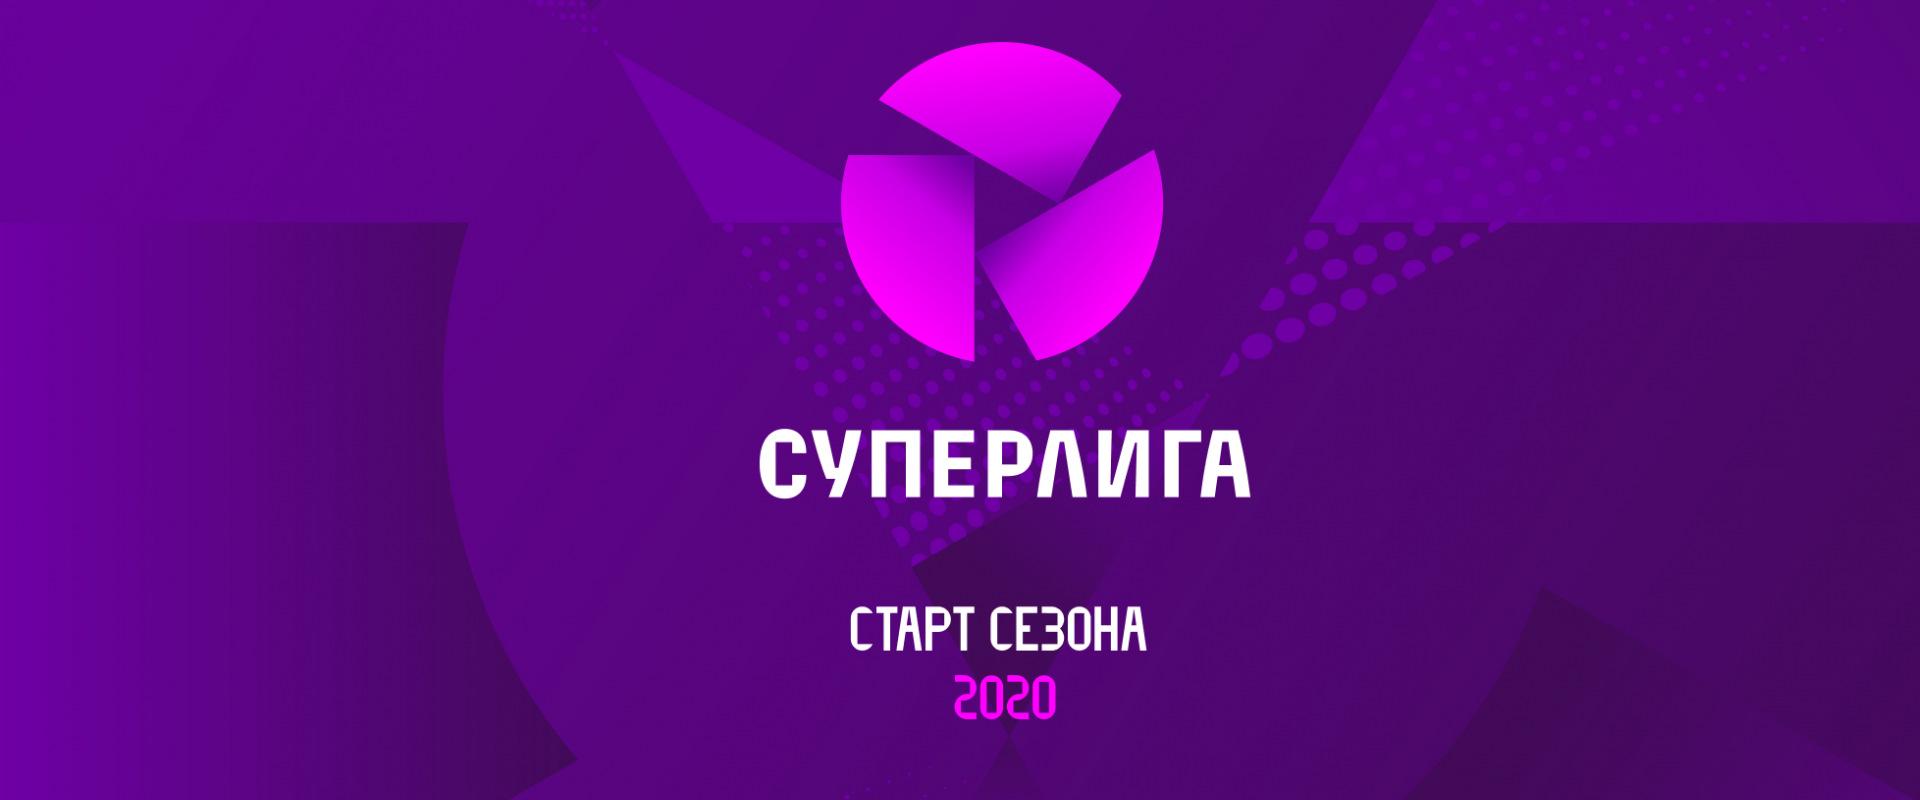 РФС объявляет о старте Суперлиги